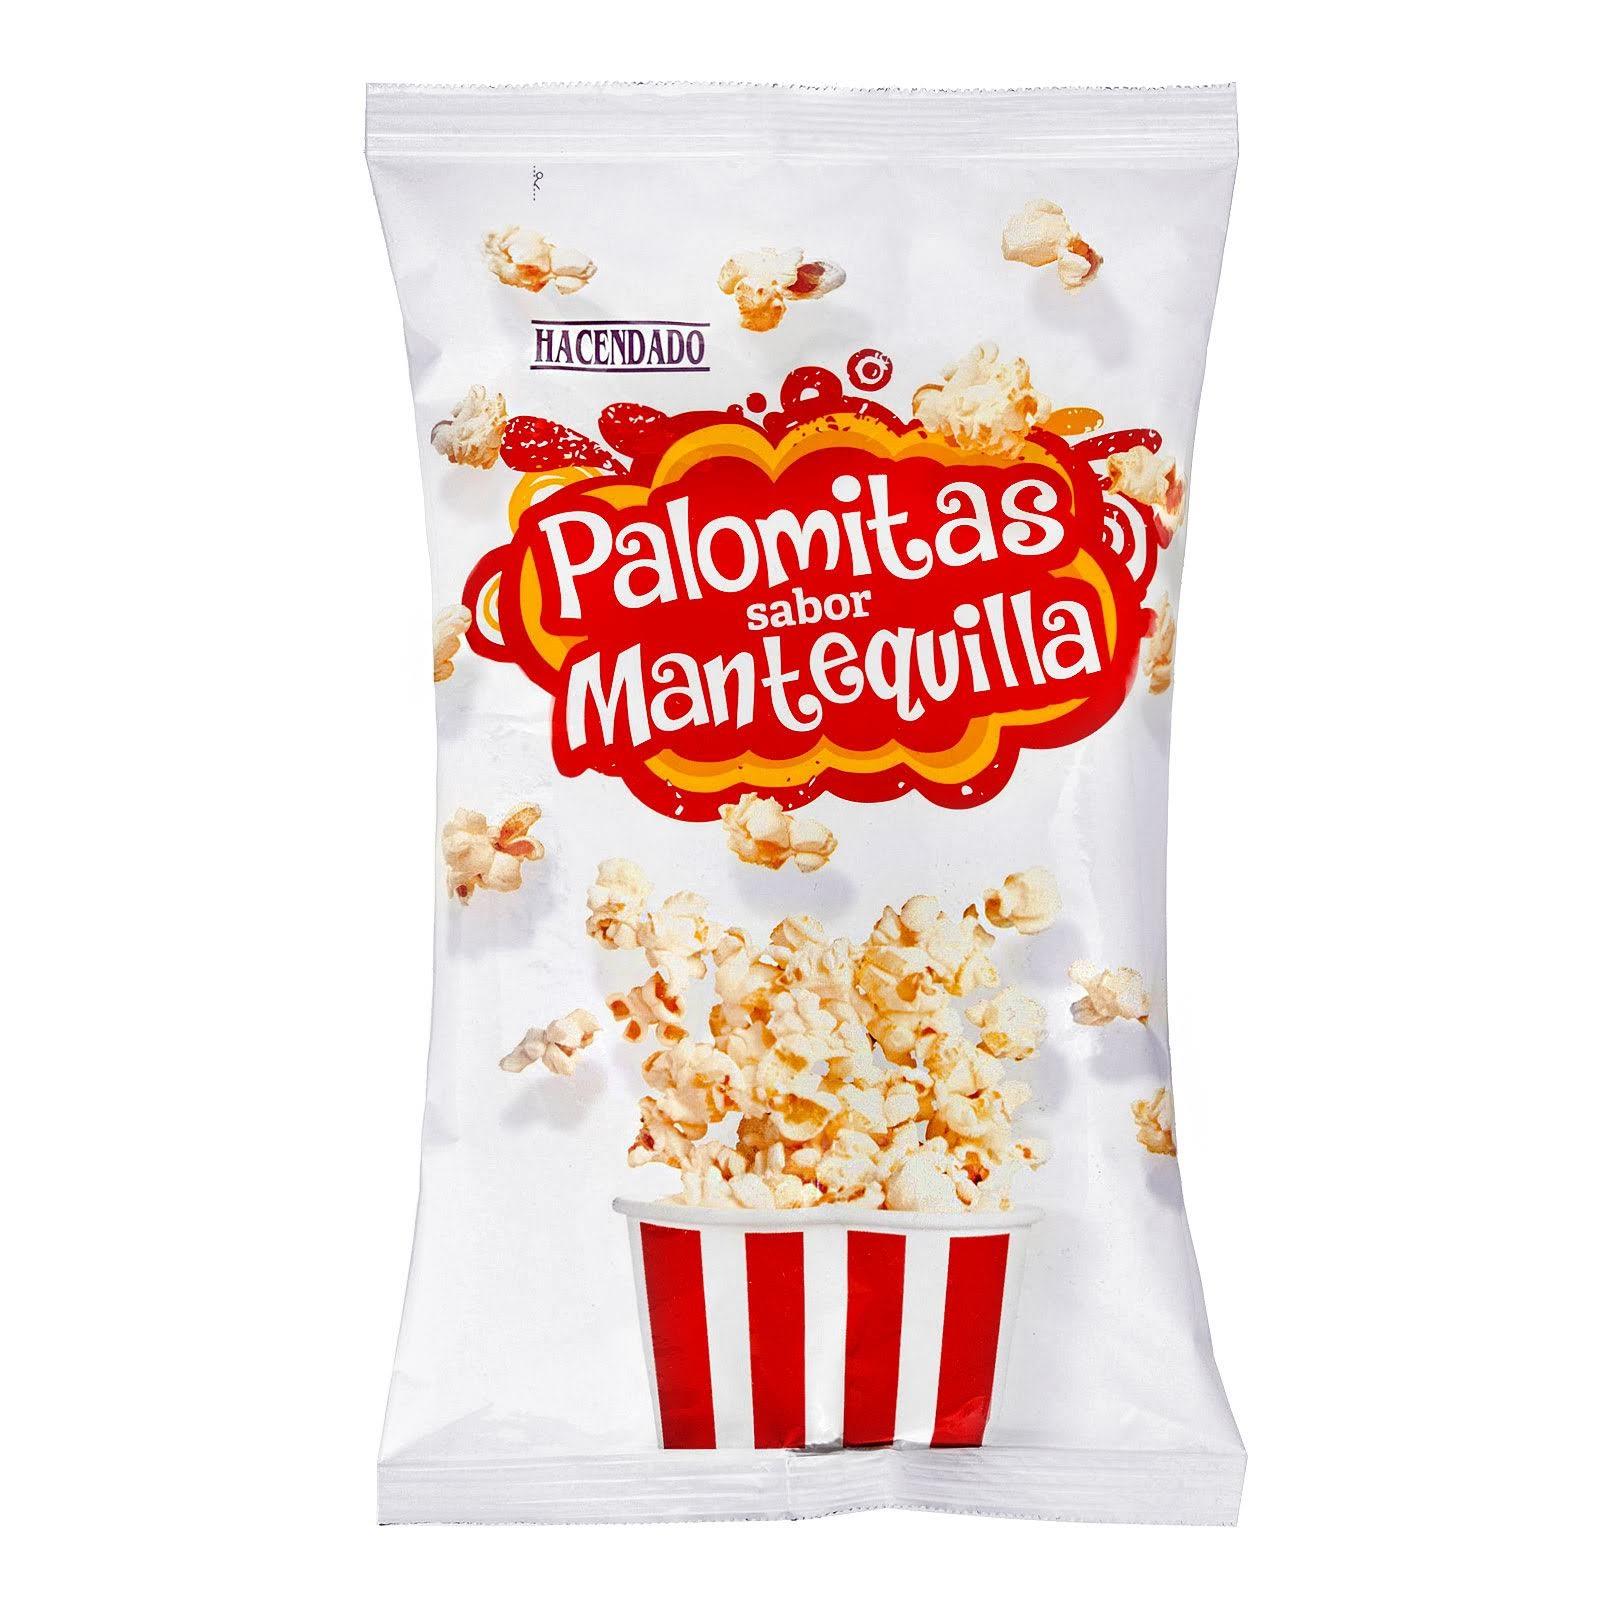 Palomitas sabor mantequilla Hacendado